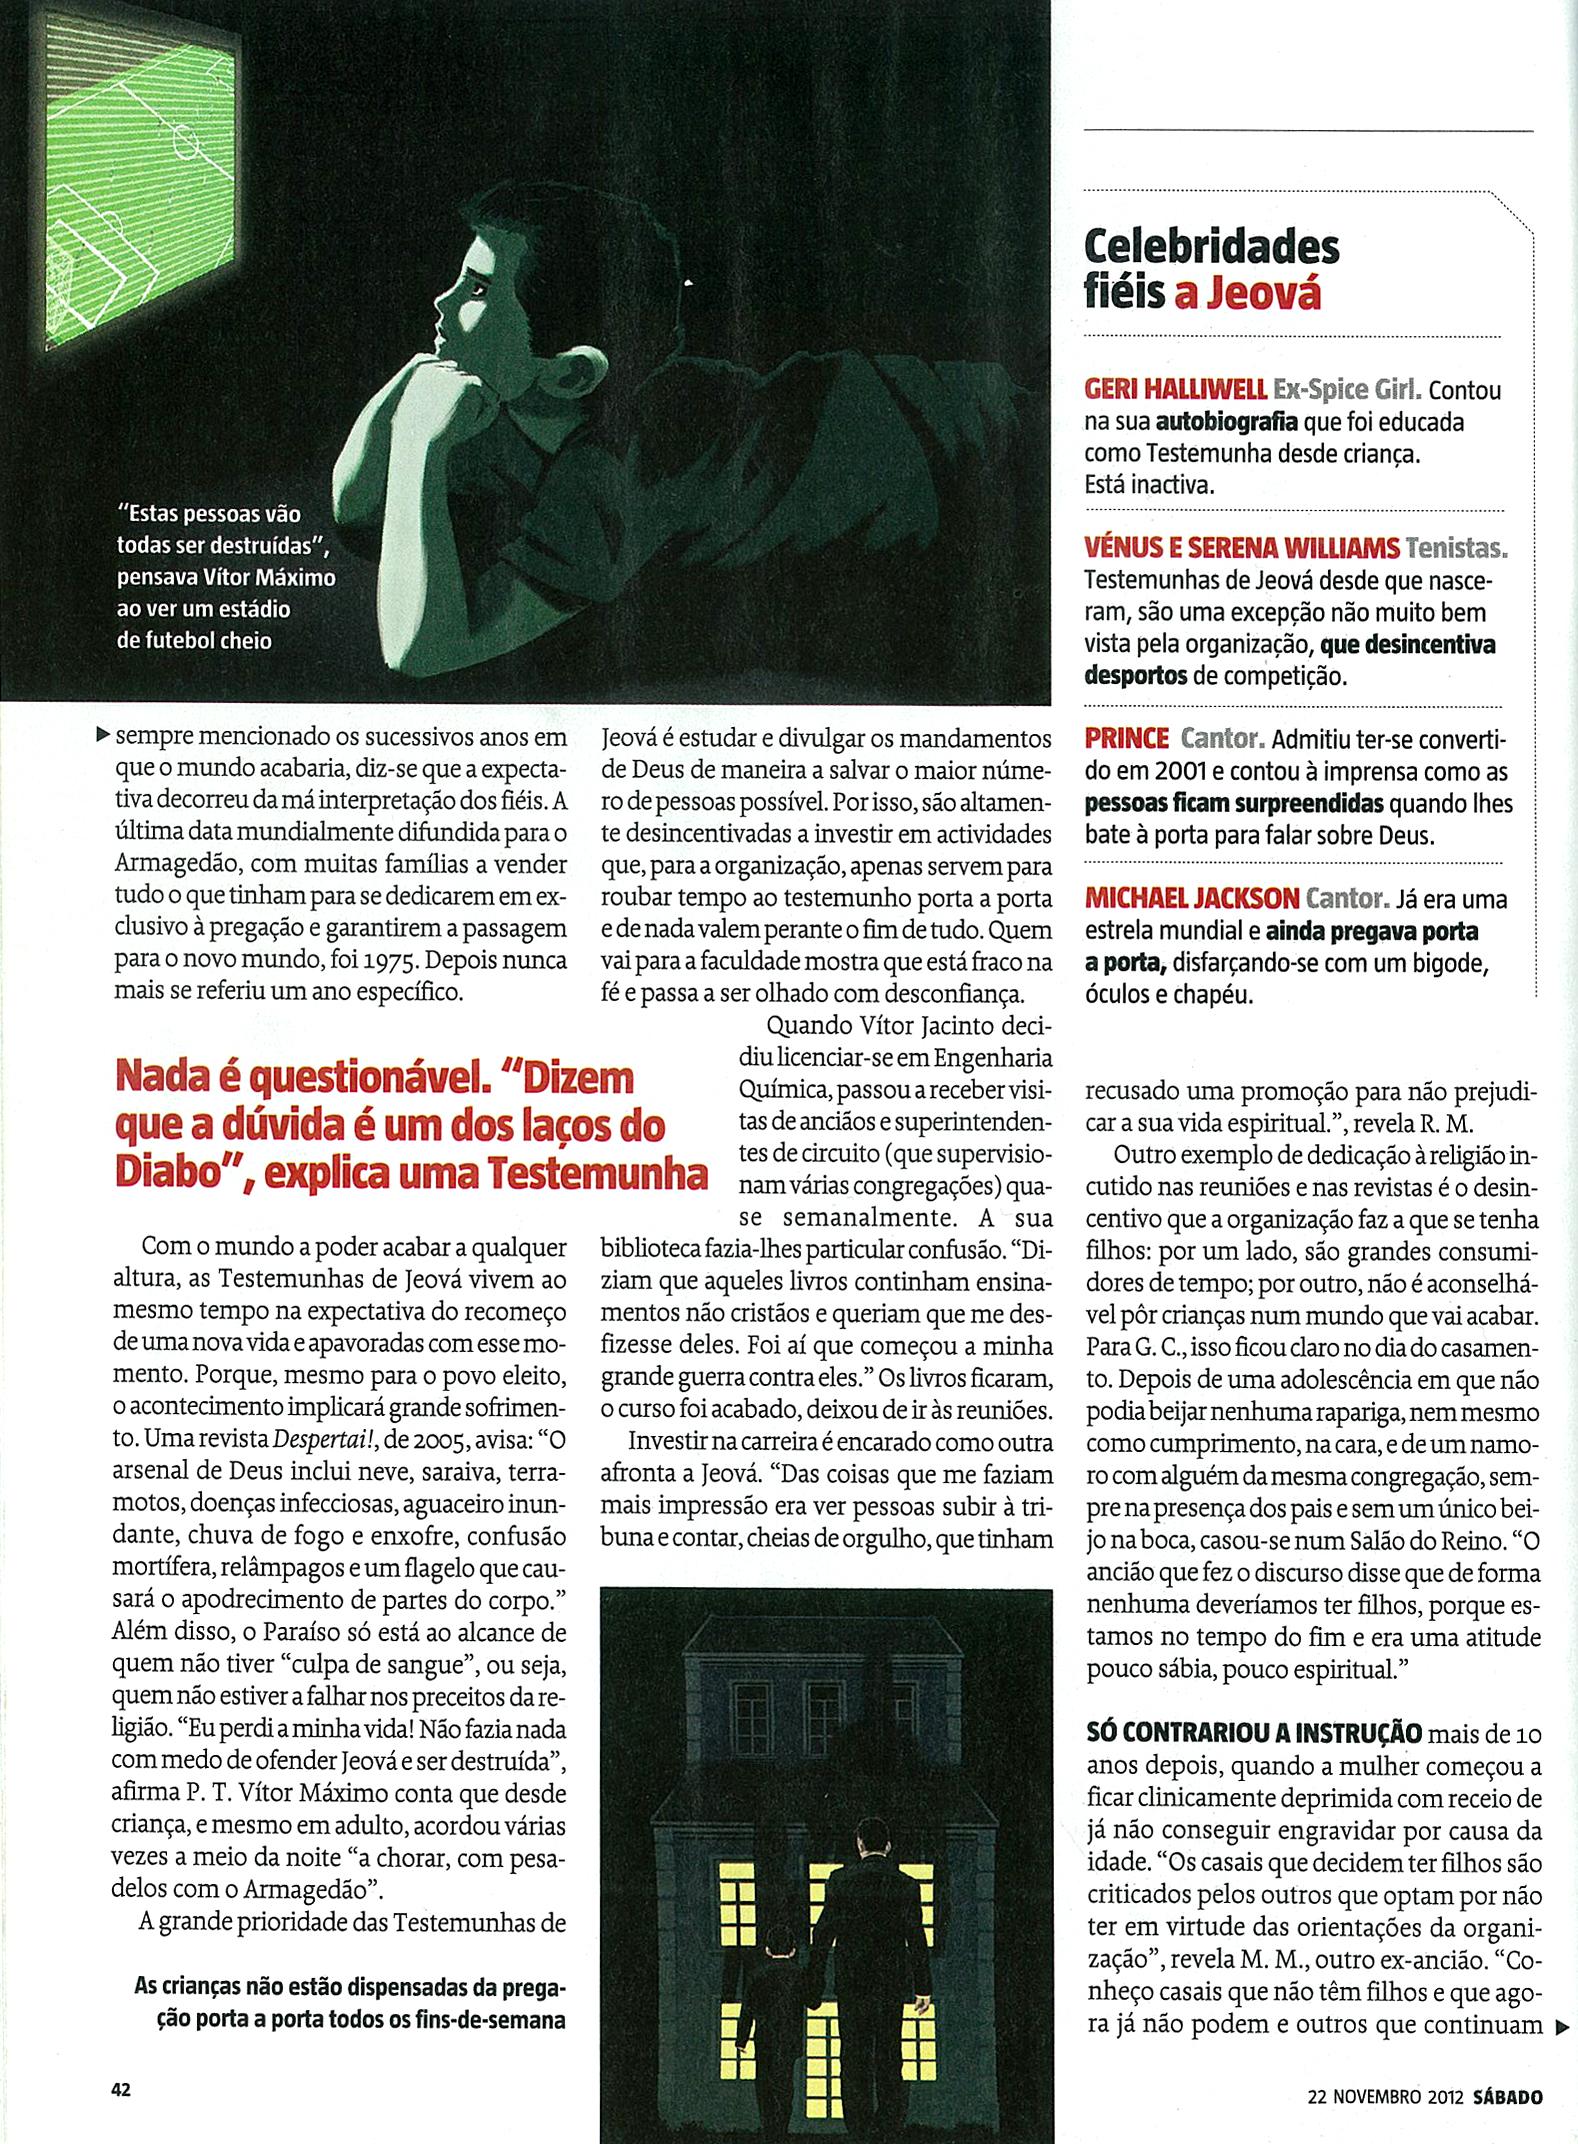 LINK ATUALIZADO - Revista Sábado digitalizada - artigo sobre as Testemunhas de Jeová Pag5a